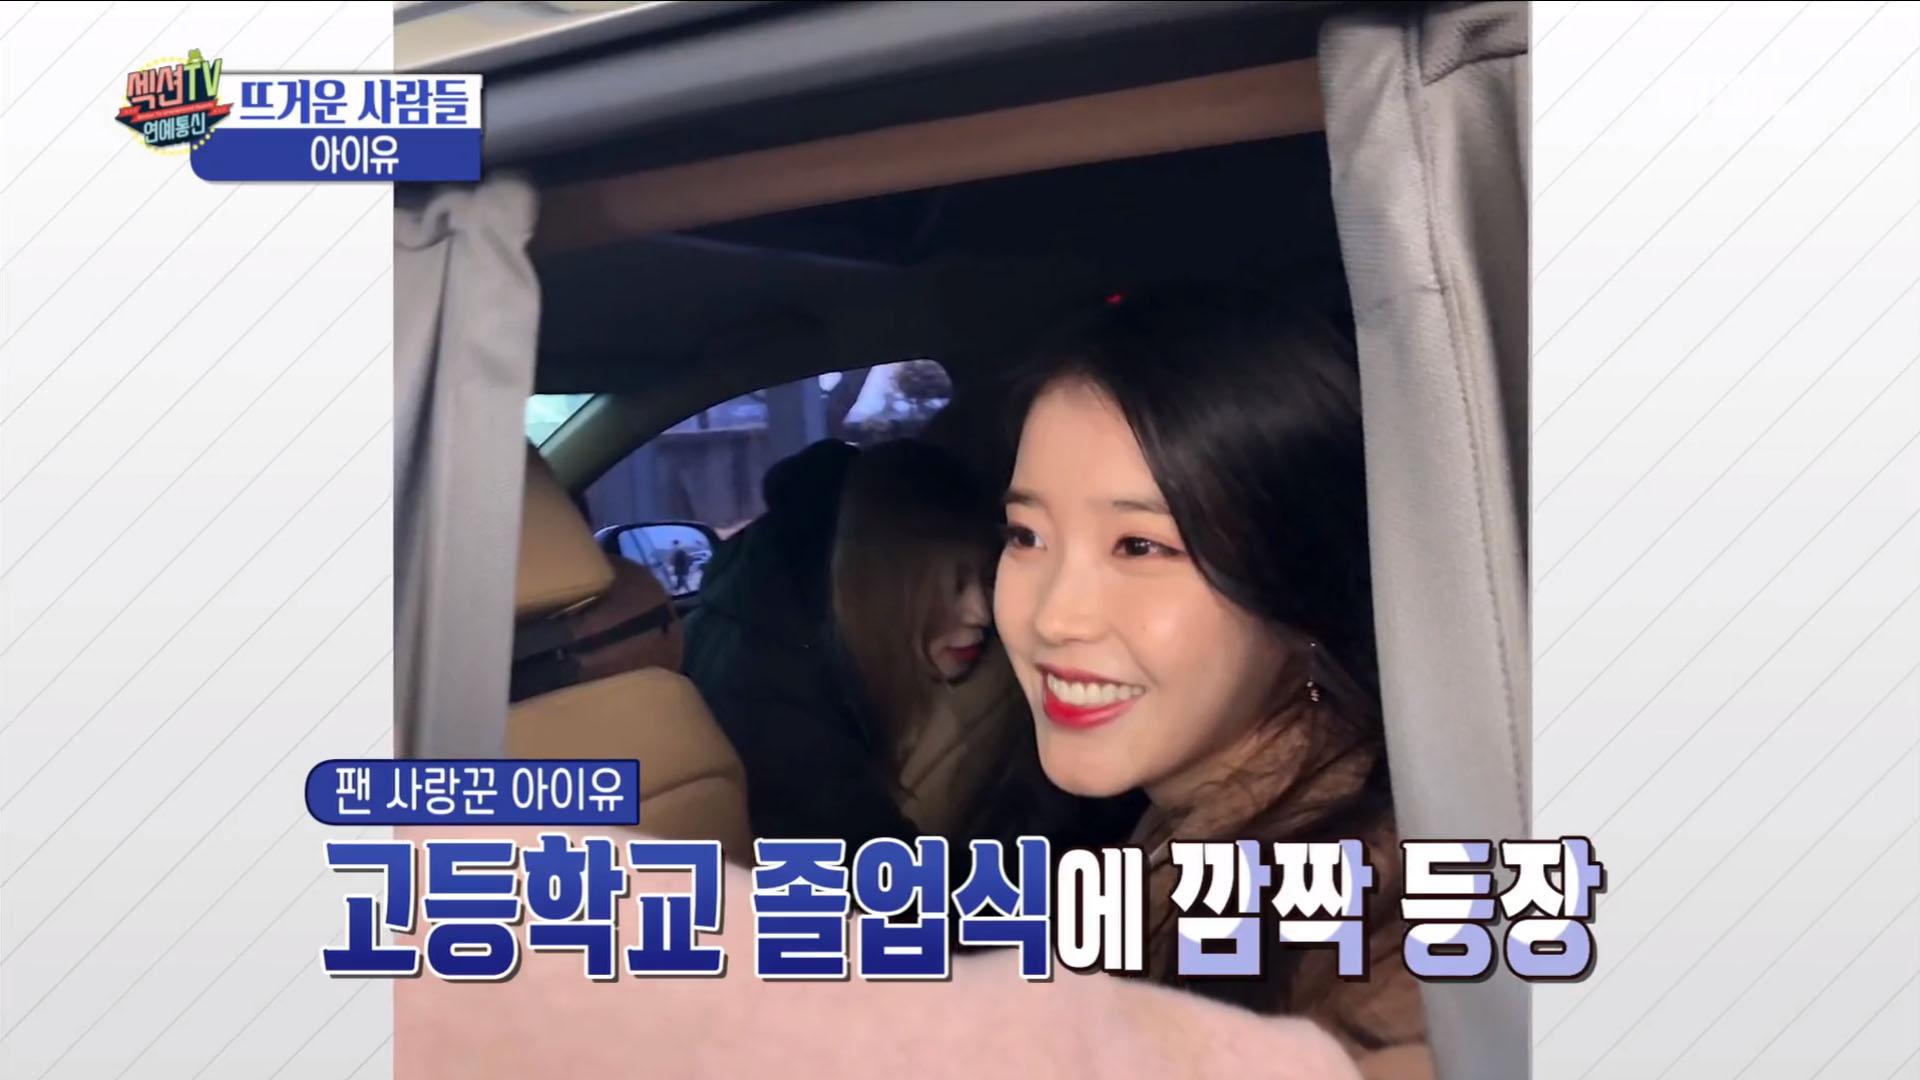 '섹션TV 연예통신' 아이유 팬과의 약속, 졸업식 깜짝 방문해 프리지아 꽃 선물!